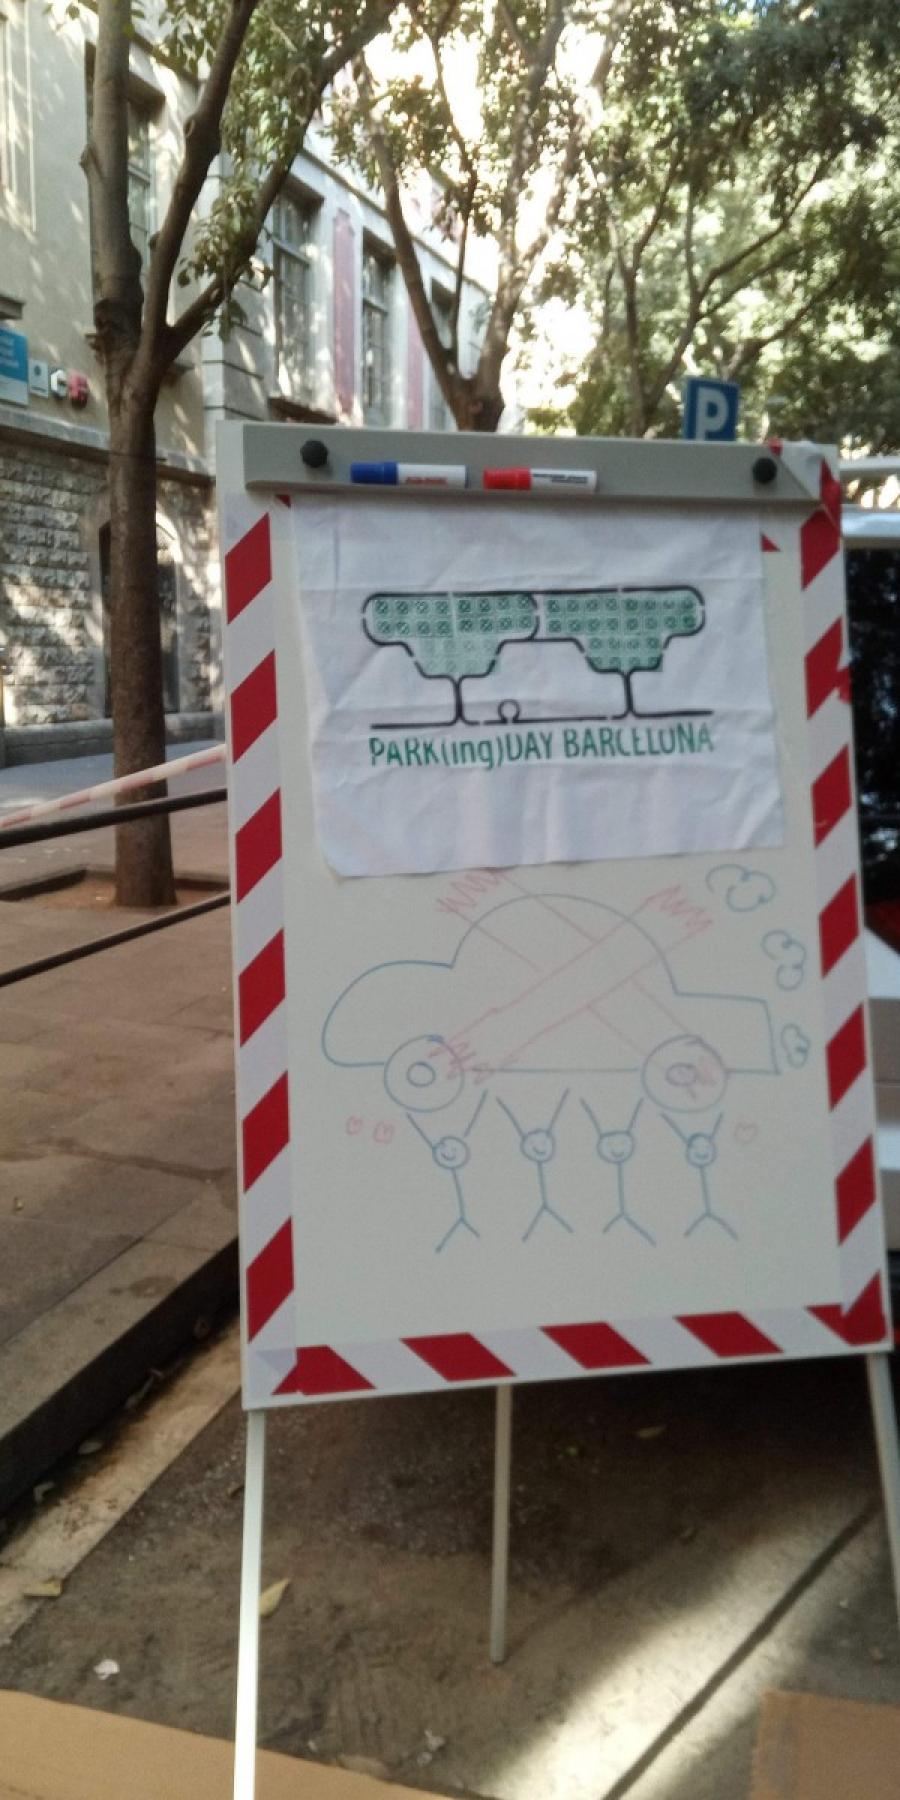 Ocupem l'espai públic